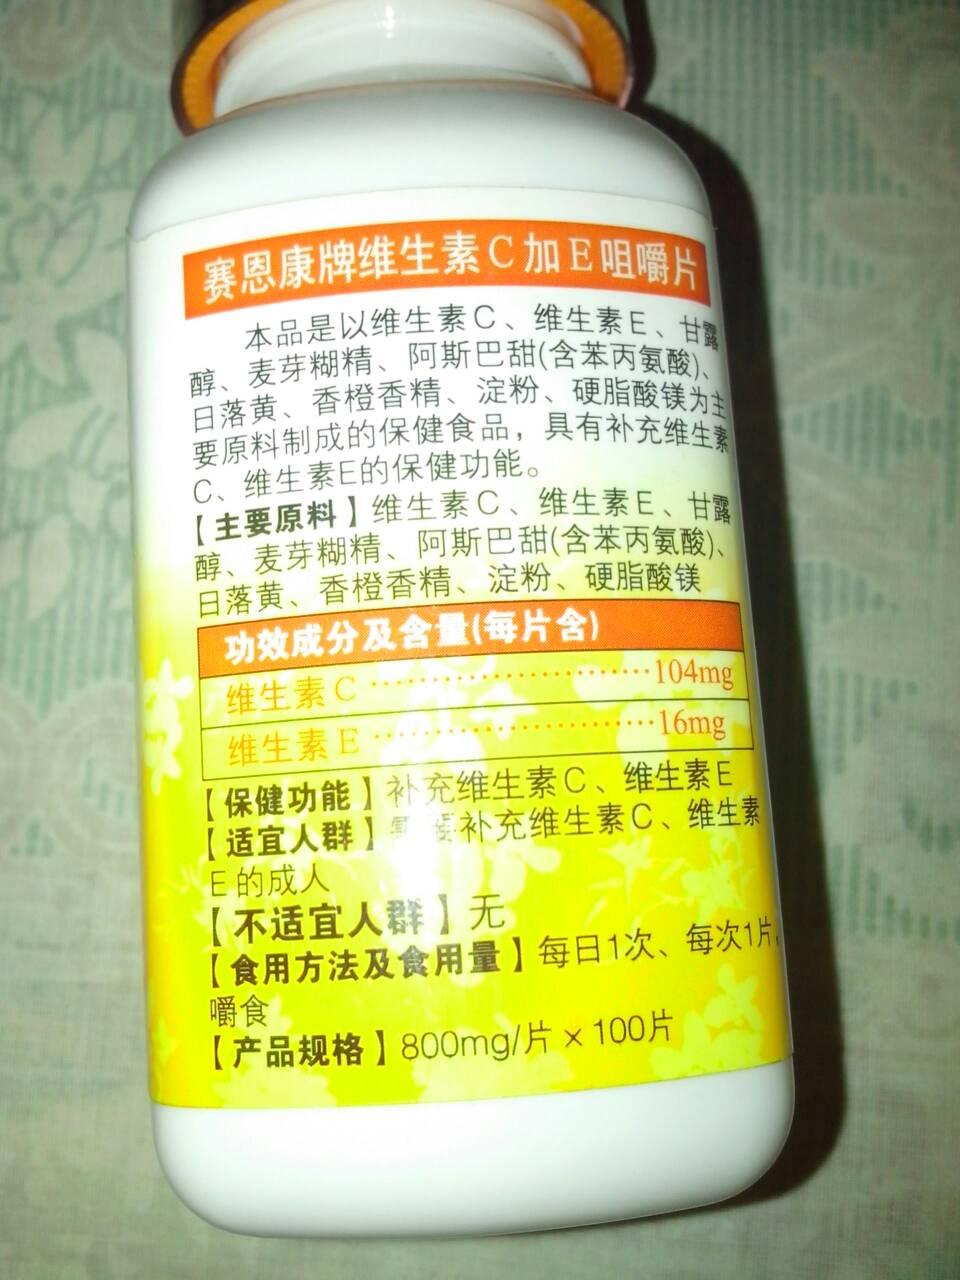 枣 天然维C大补丸!每天吃一点,清理血管解肝毒  维c坚持吃一年的后果